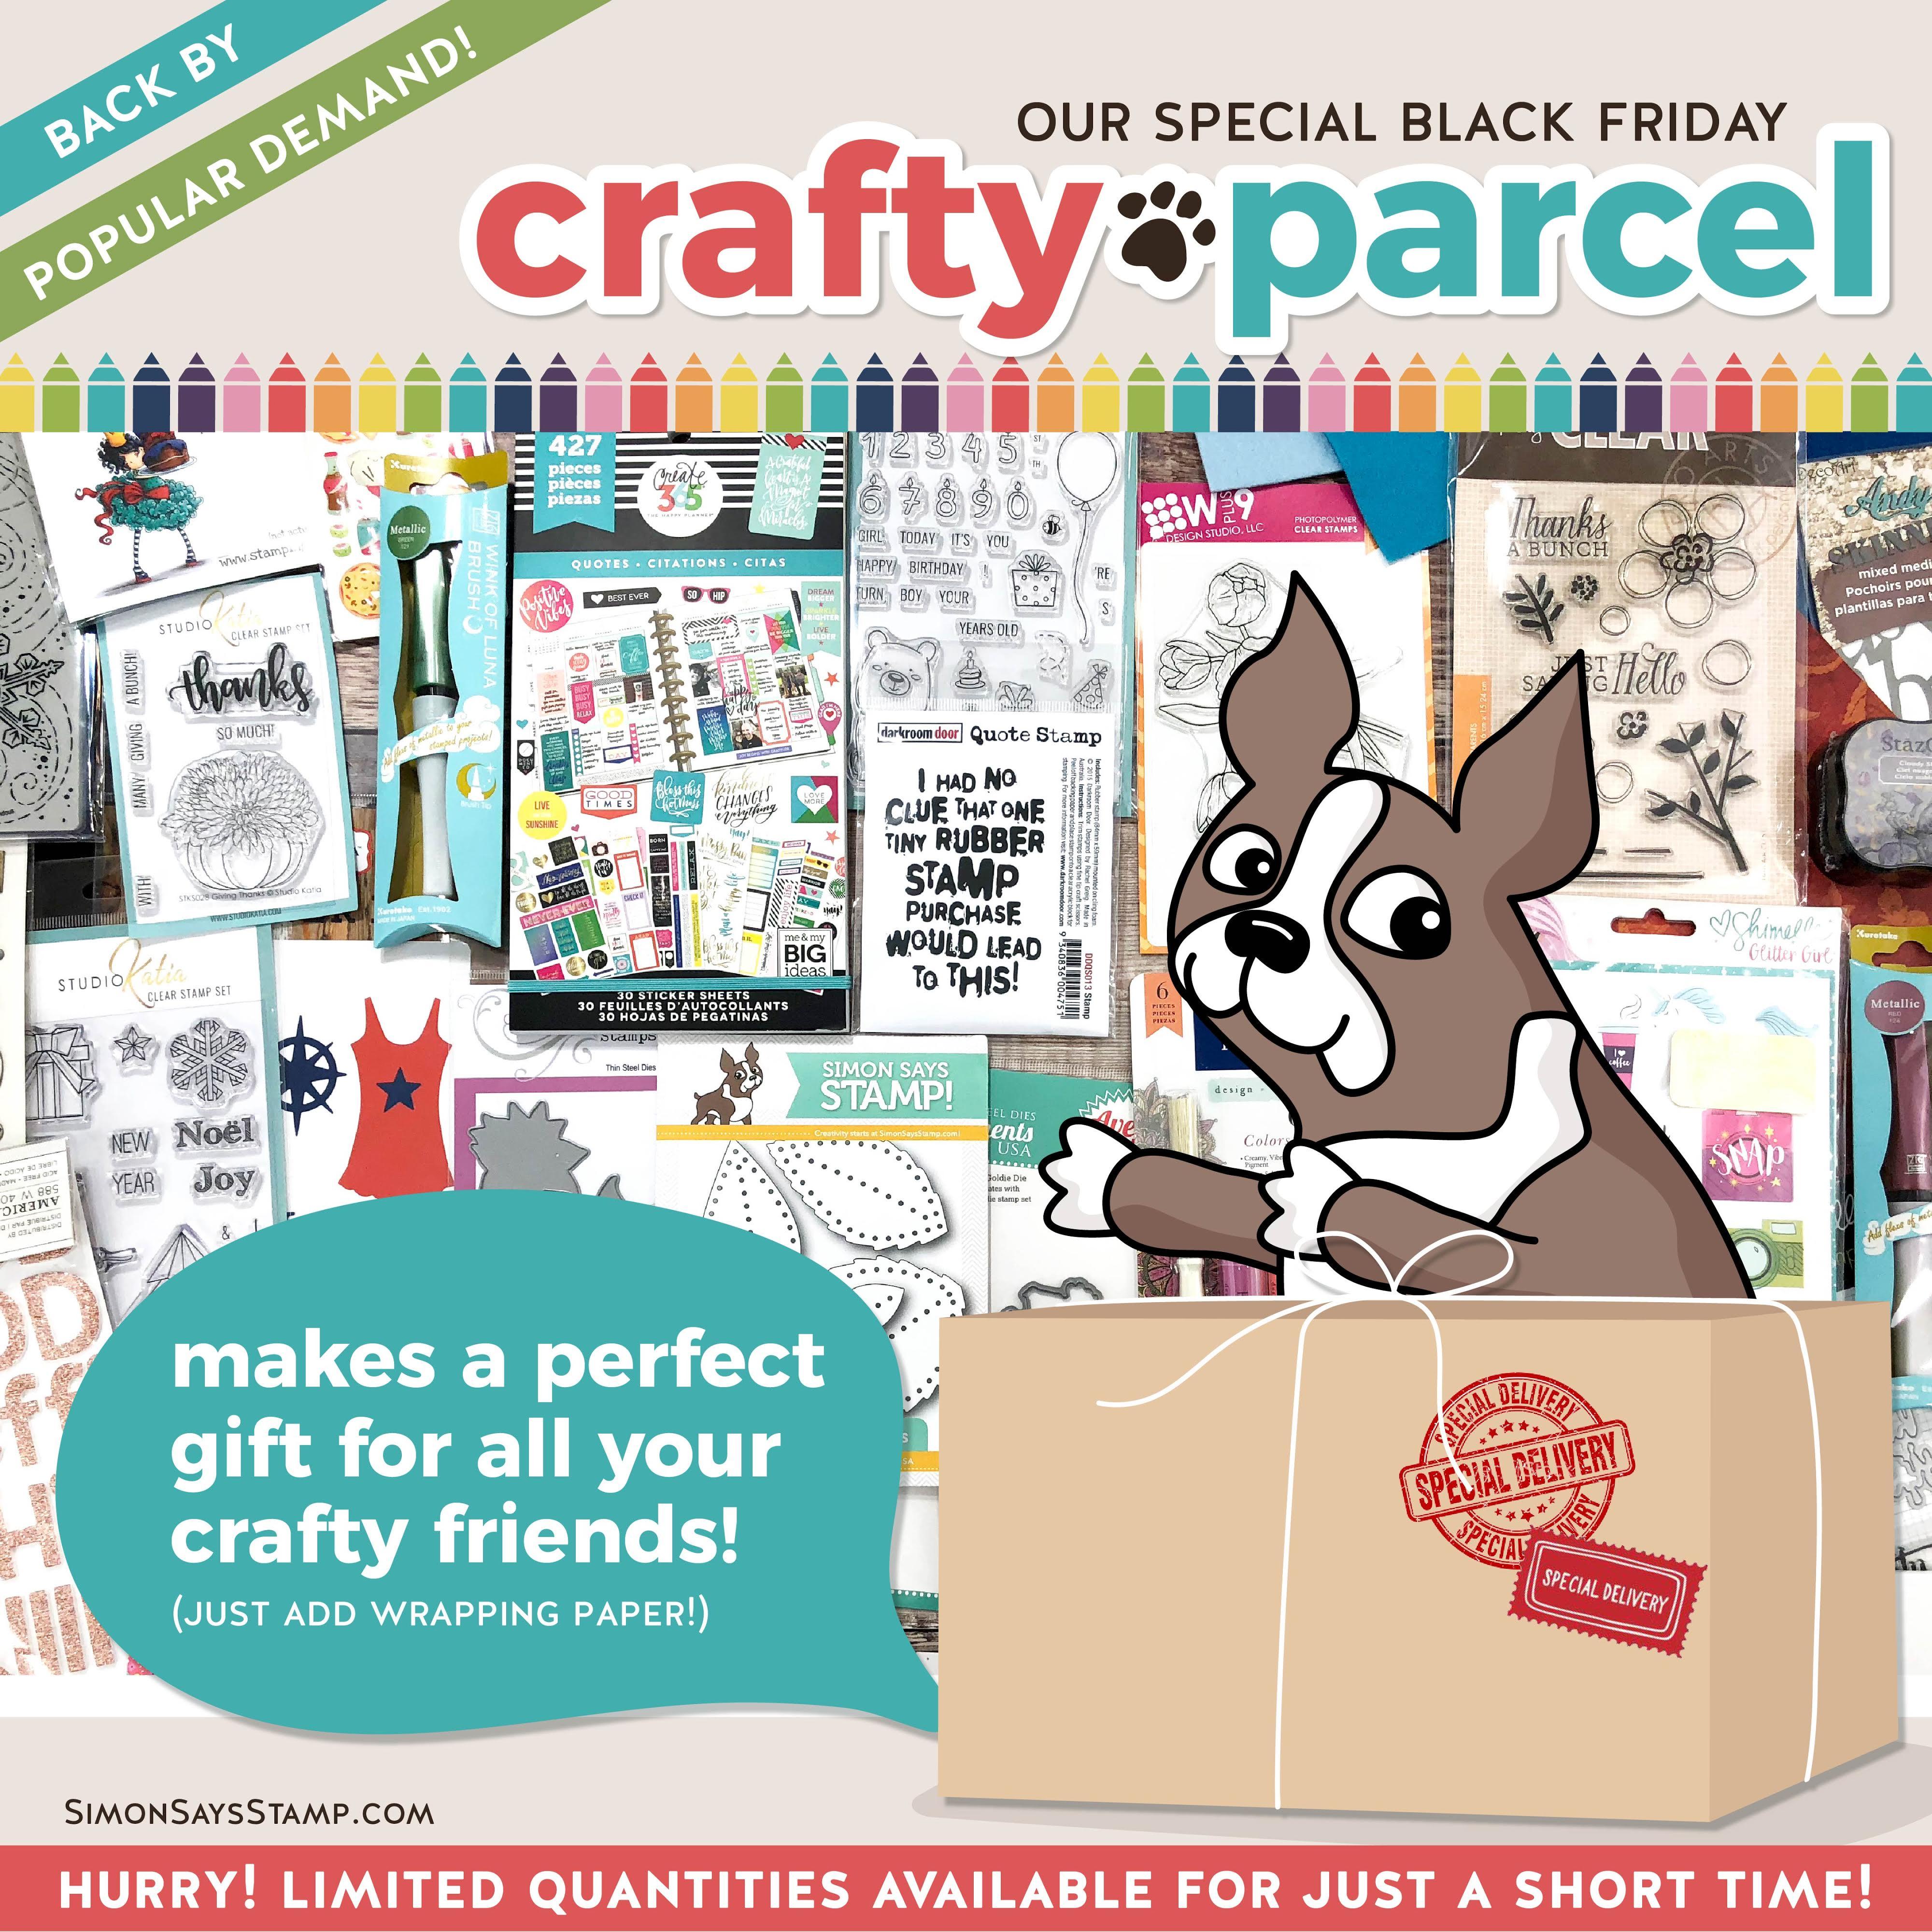 2018 Crafty Parcel